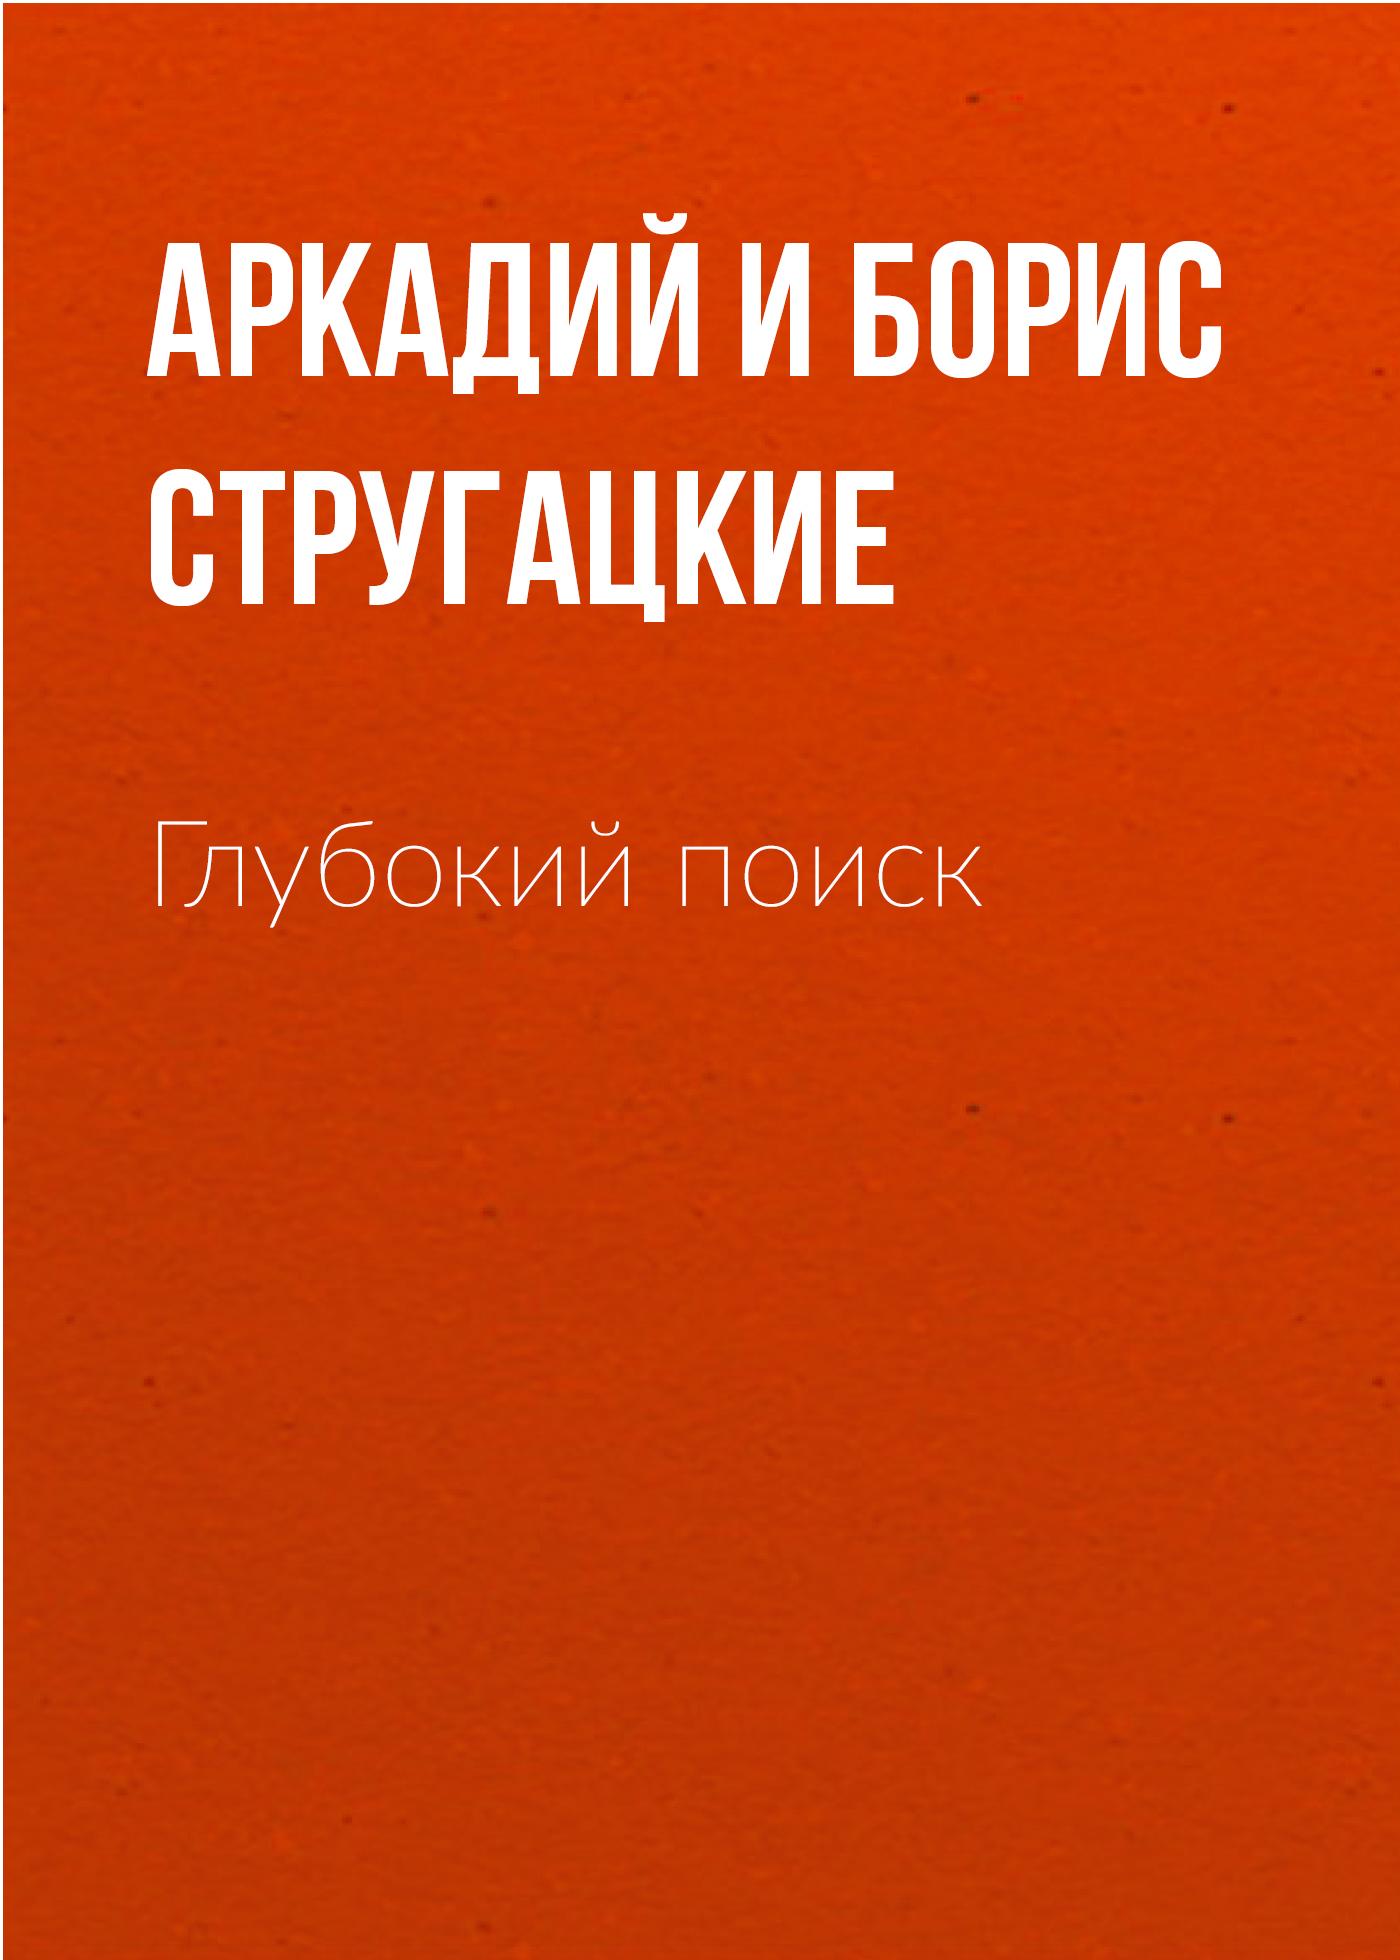 Аркадий и Борис Стругацкие Глубокий поиск аркадий и борис стругацкие затерянный в толпе